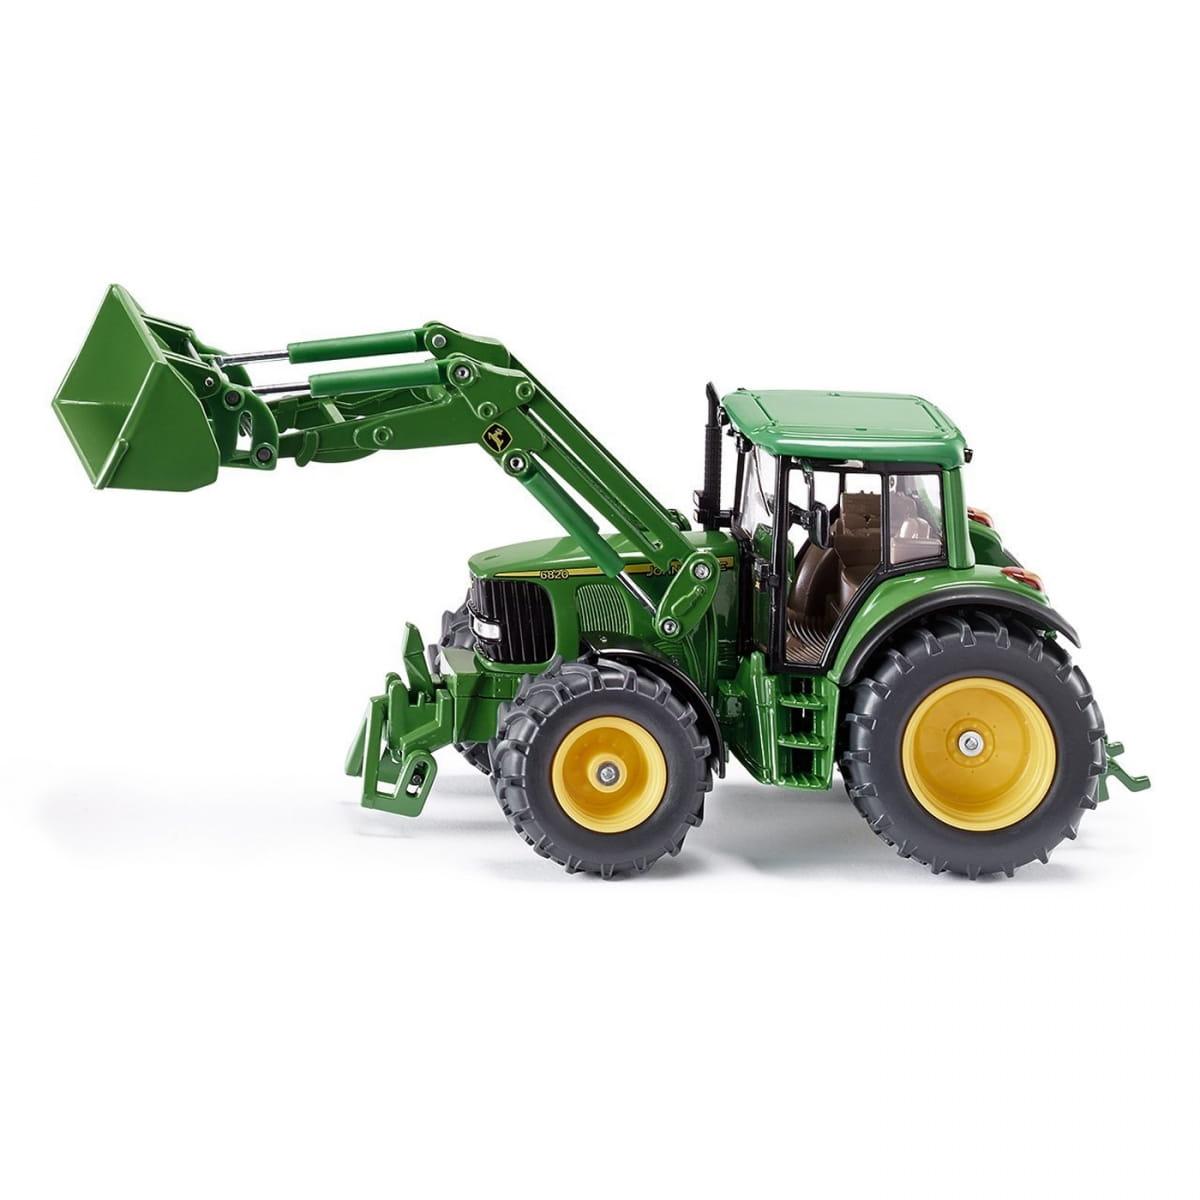 Трактор Siku 3652 John Deere с ковшом - зеленый